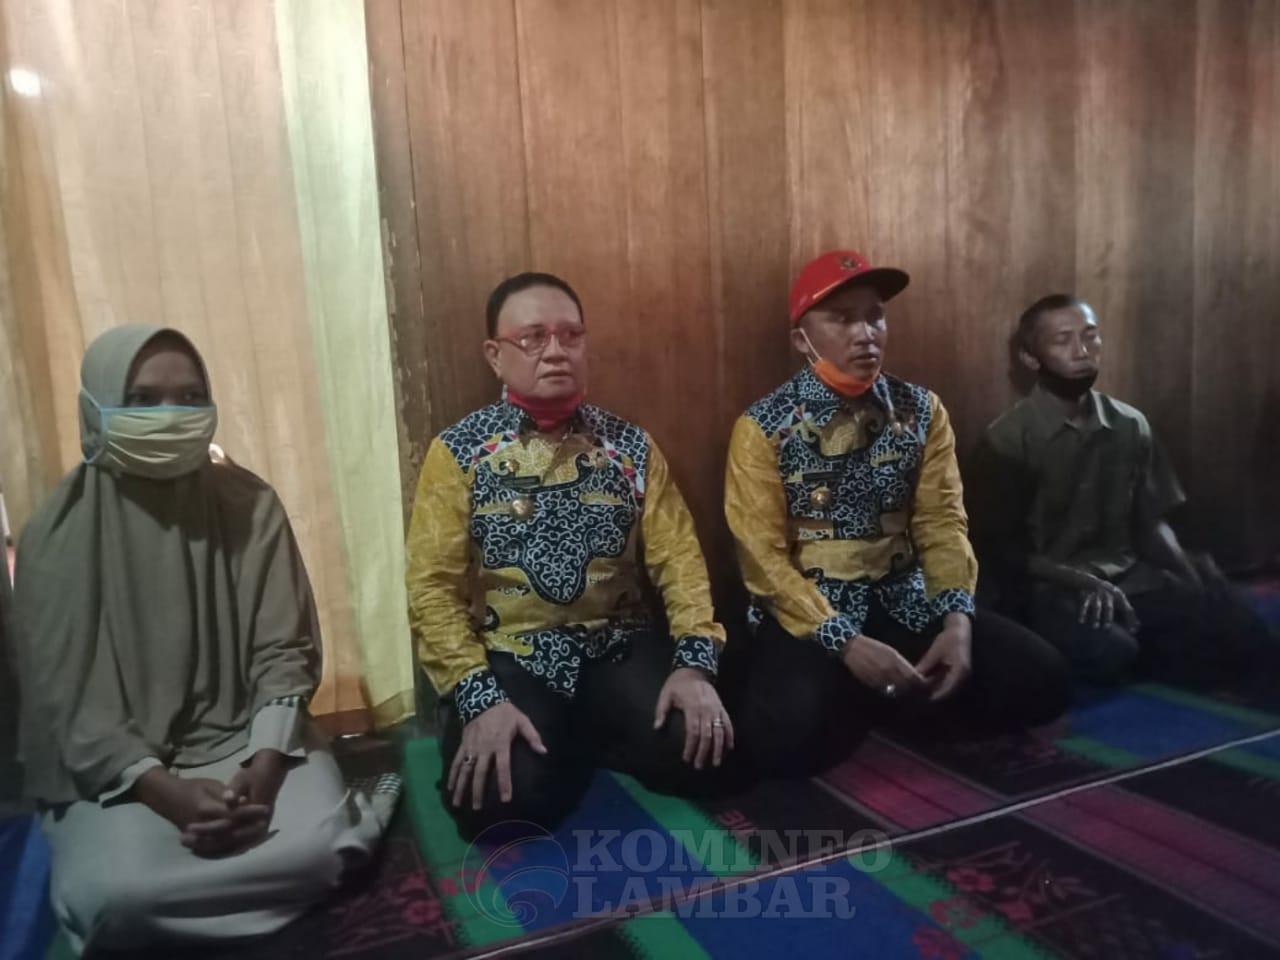 Bupati Lambar Kunjungi Orangtua Eka Maswahyuni, Yang Dilaporkan Hilang